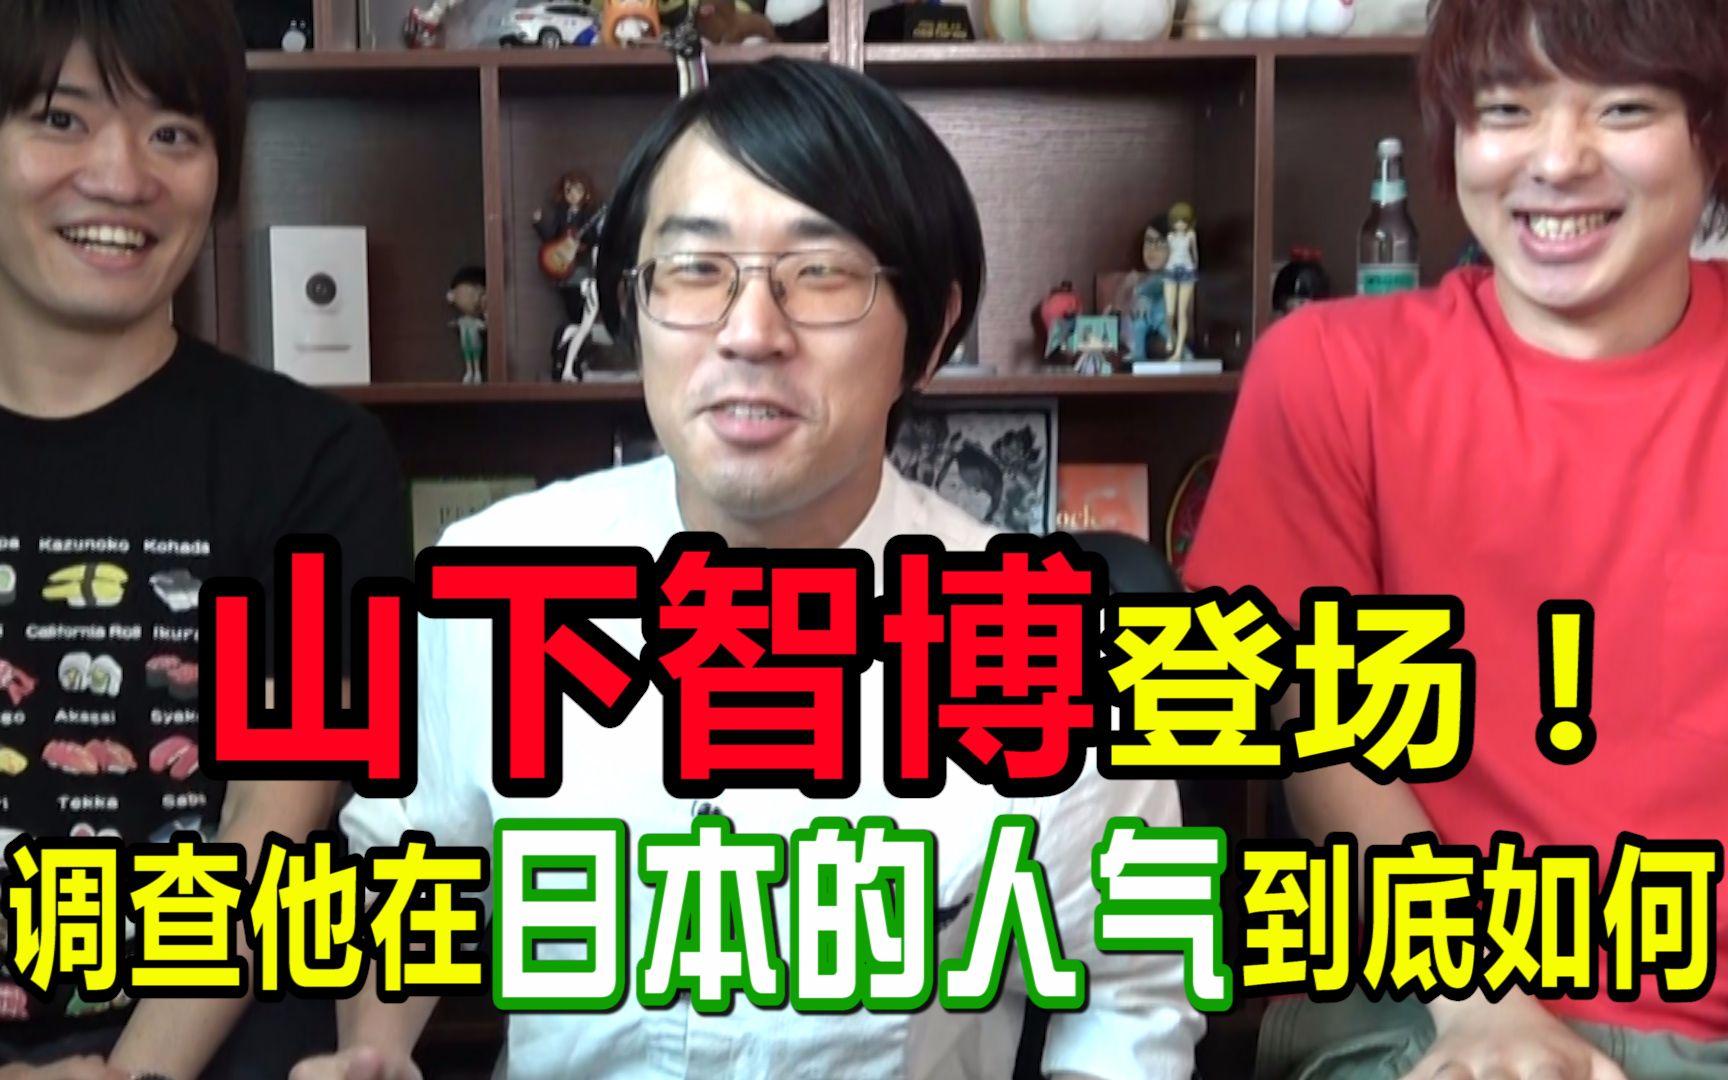 【山下智博登場!】調查山下智博在日本的人氣到底如何。_搞笑_生活_bilibili_嗶哩嗶哩